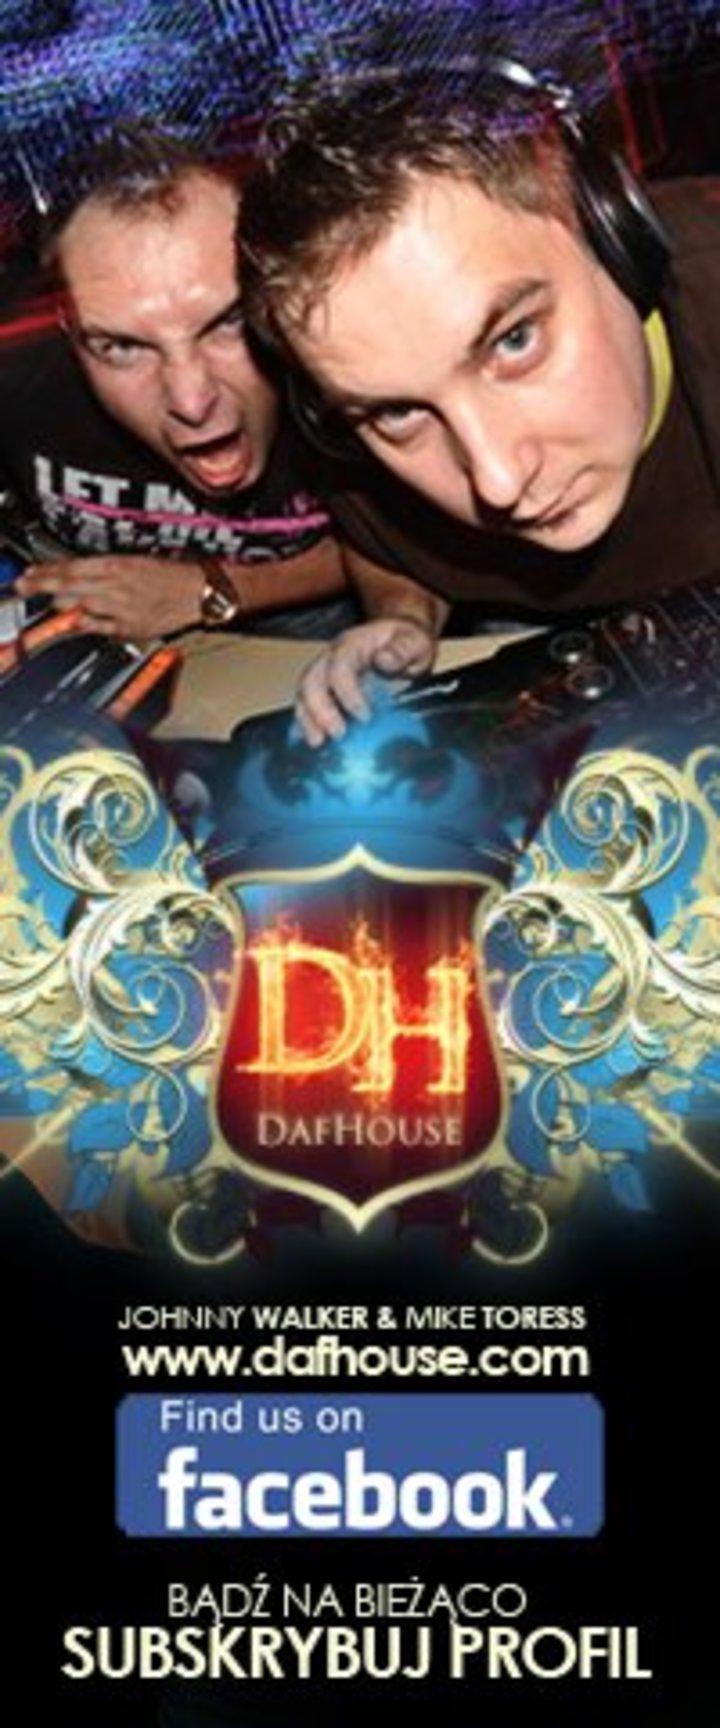 DafHouse Tour Dates